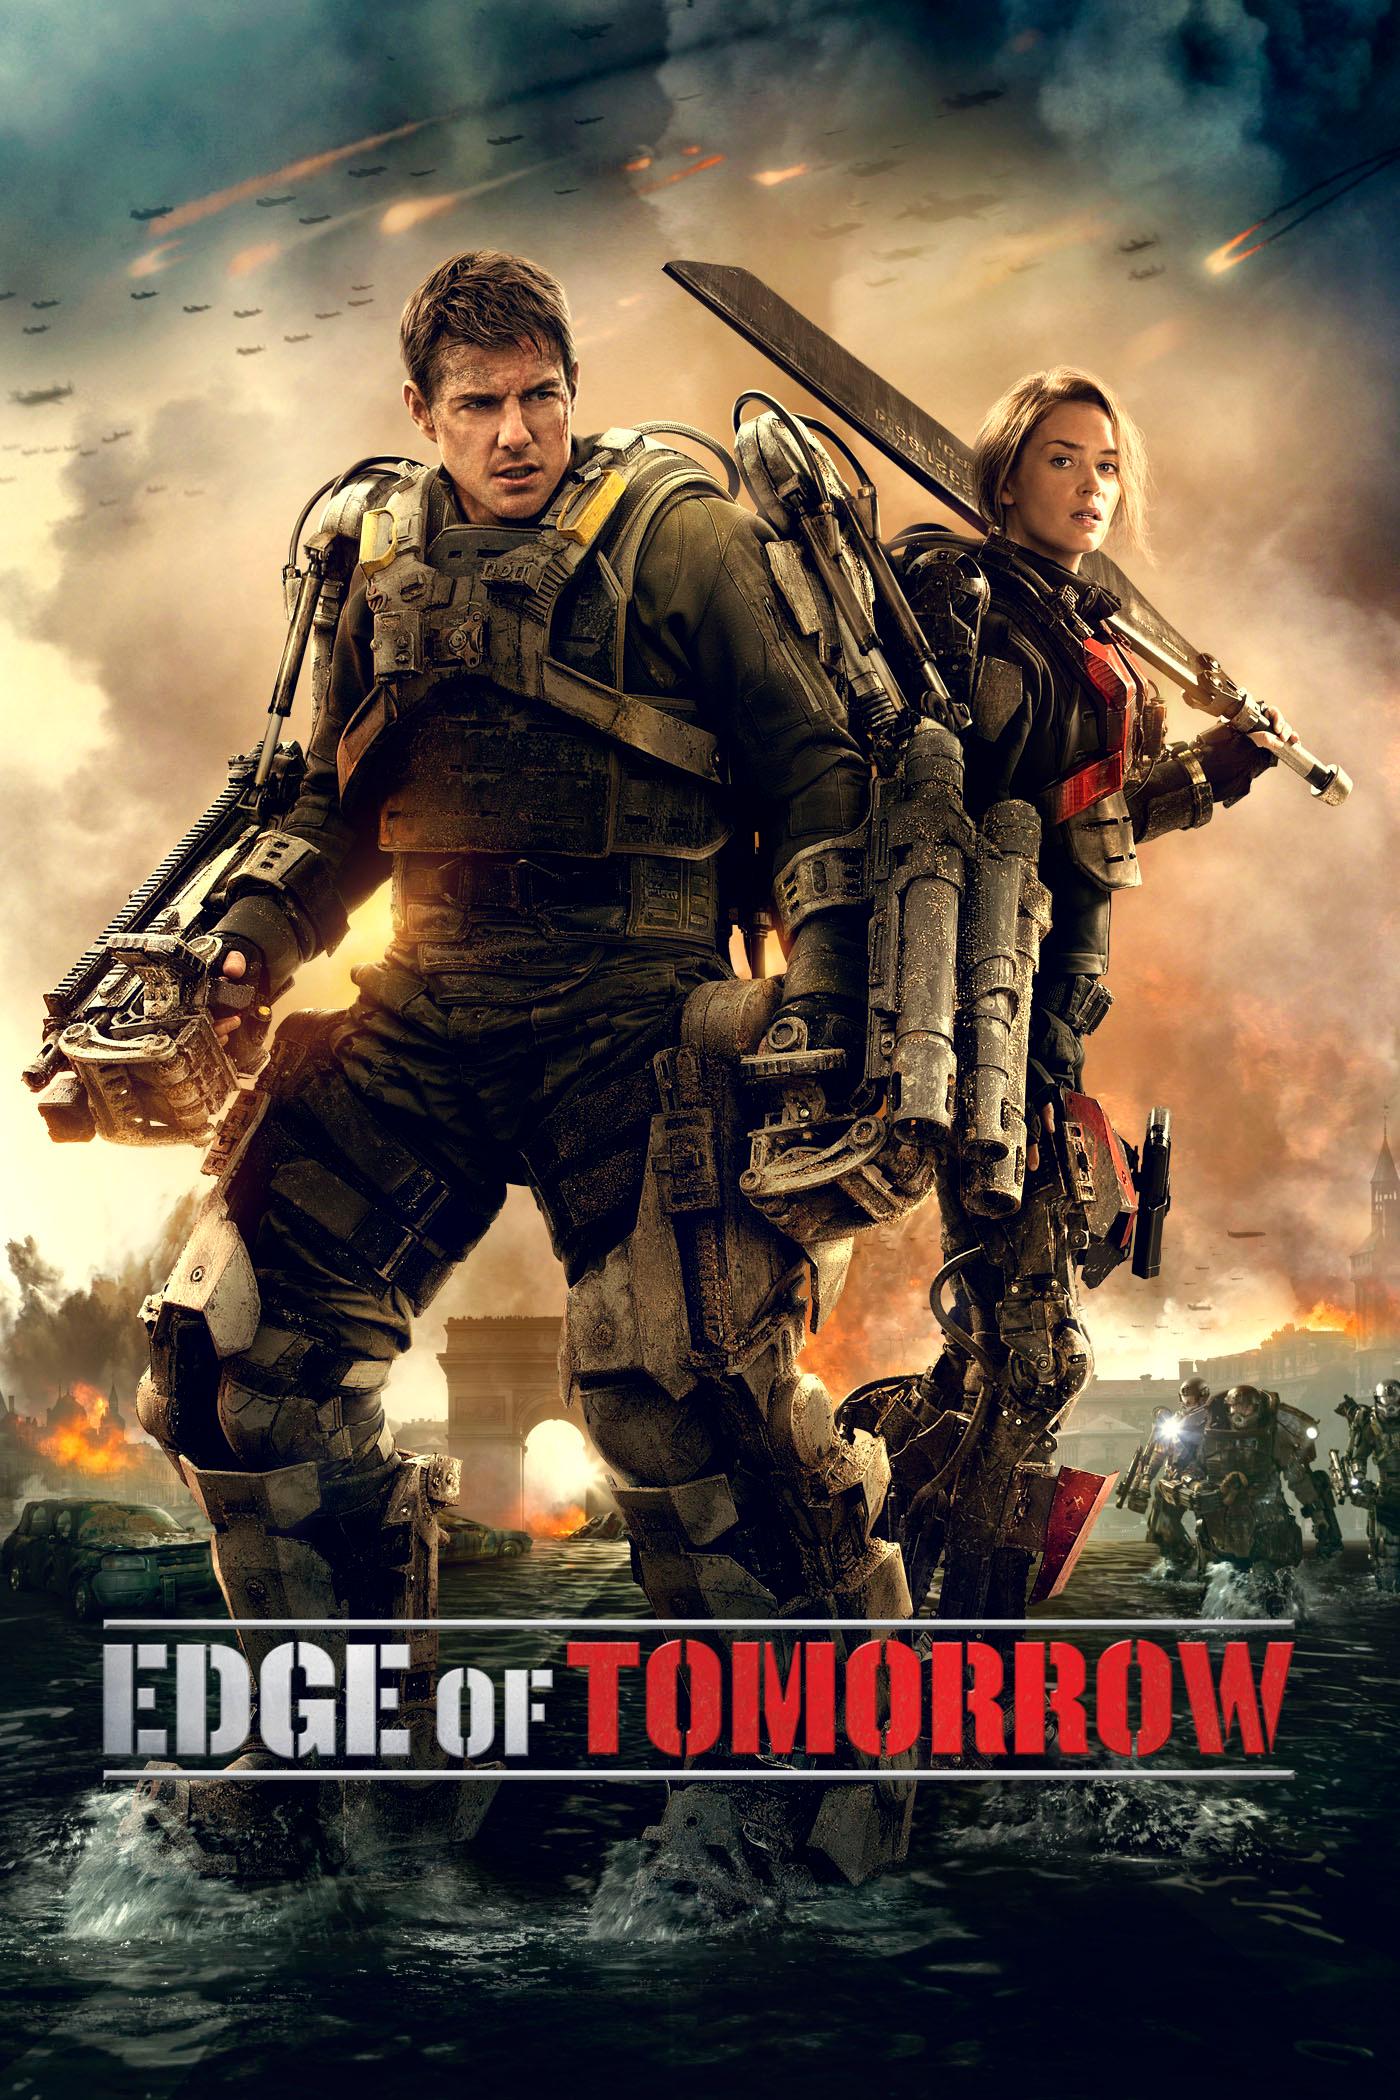 Edge of Tomorrow: Surprisingly enjoyable